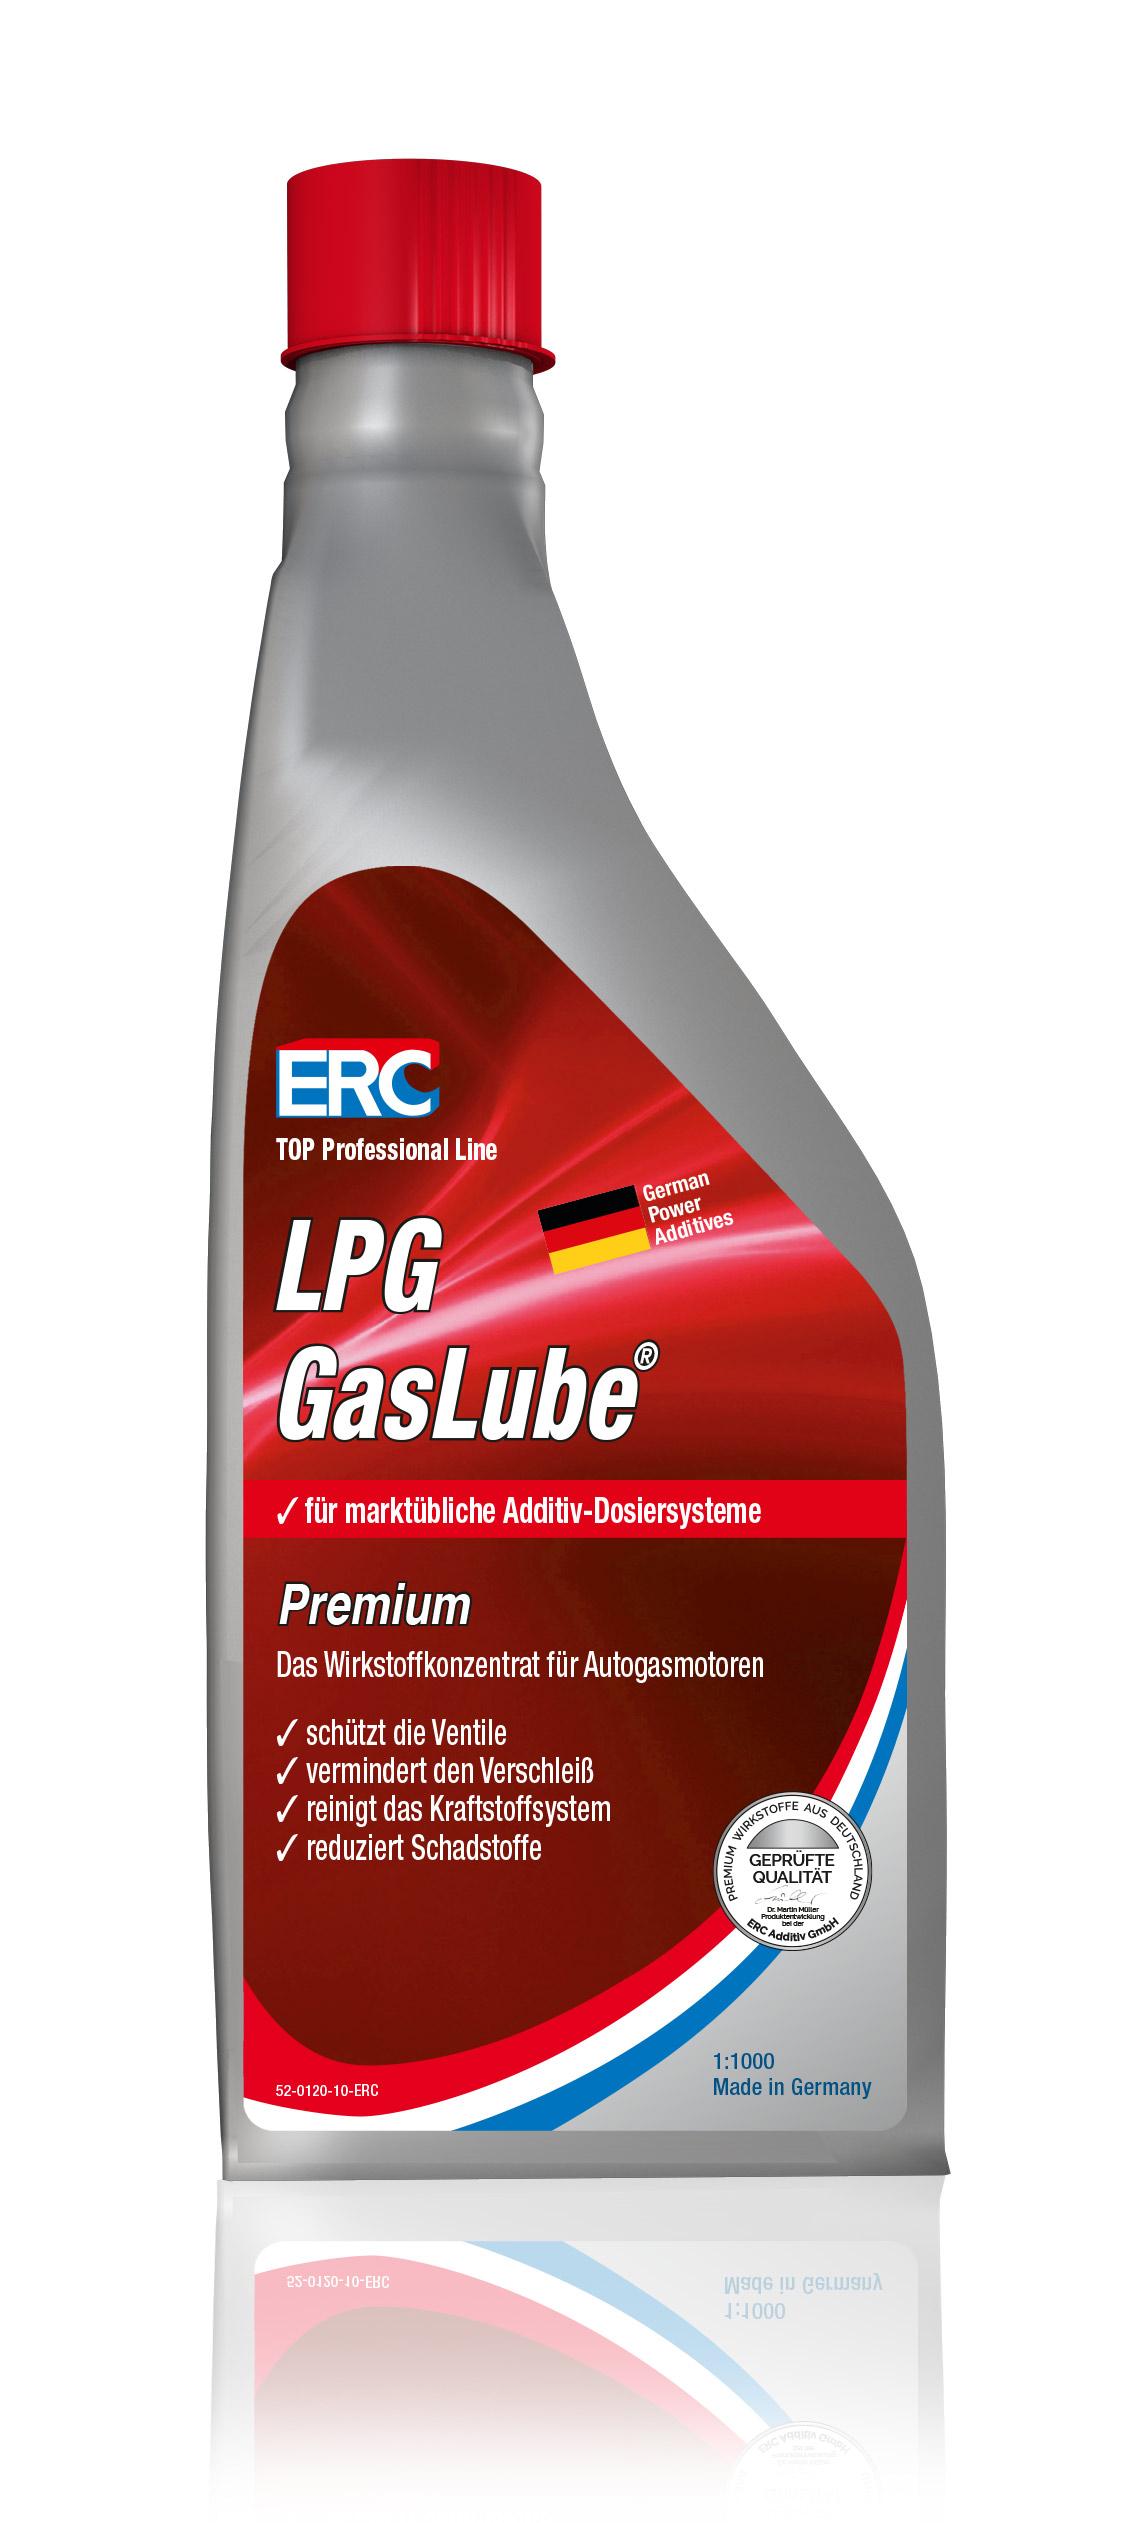 1x 1 LITER ERC Gas Lube Premium LPG-Additiv für Dosieranlagen Ventilschutz 1:100